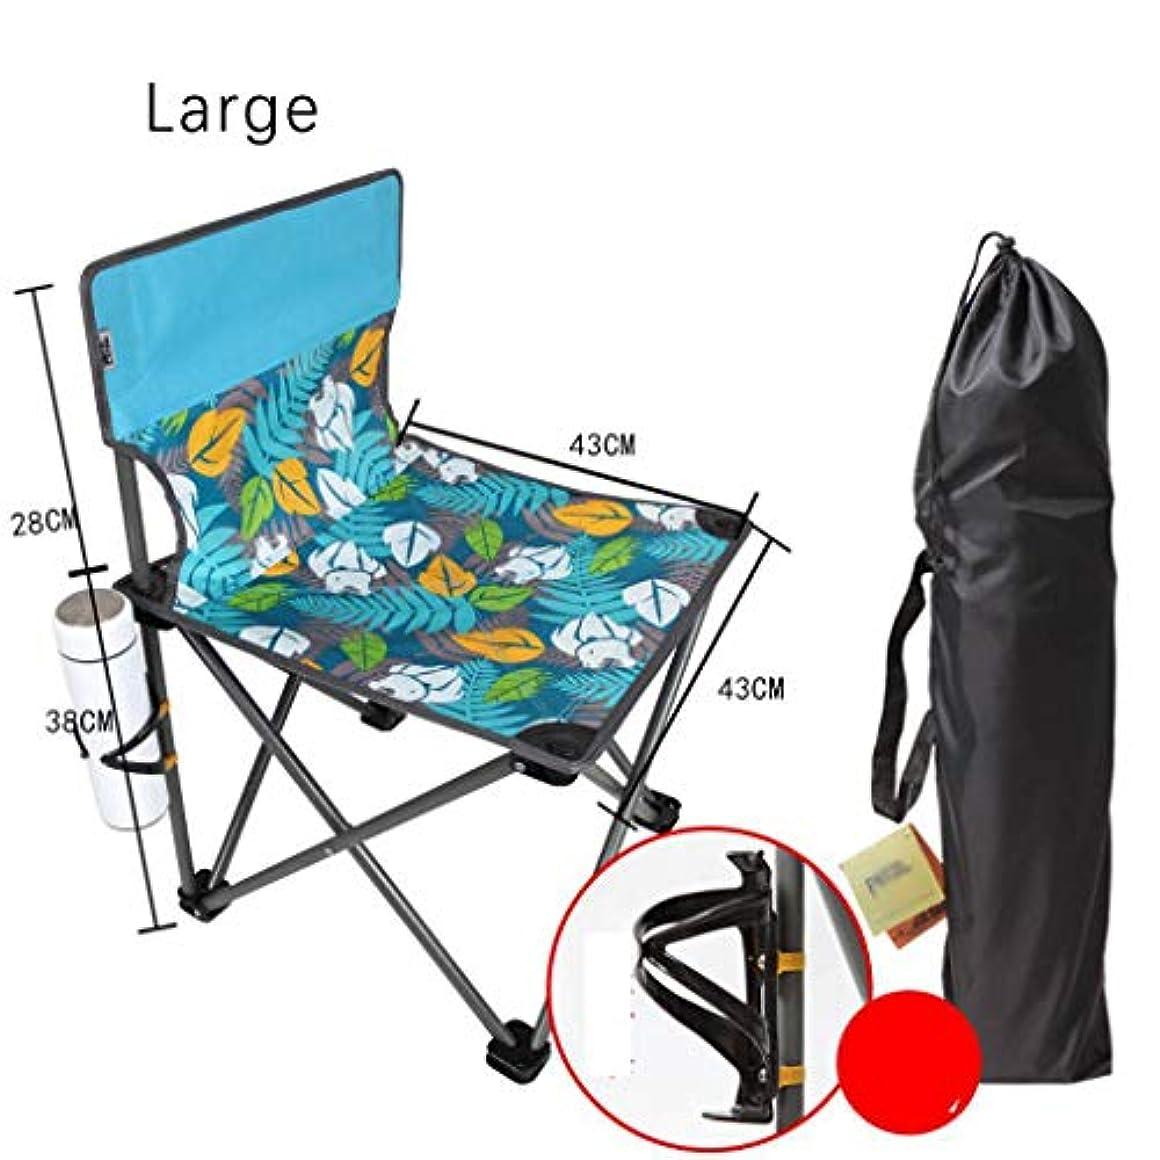 固執ビーチ鯨キャンプ用折りたたみ椅子, アウトドア ビーチチェア アウトドアスツール 快適 丈夫な コンパクト レジャー ピクニック 旅行する 釣り